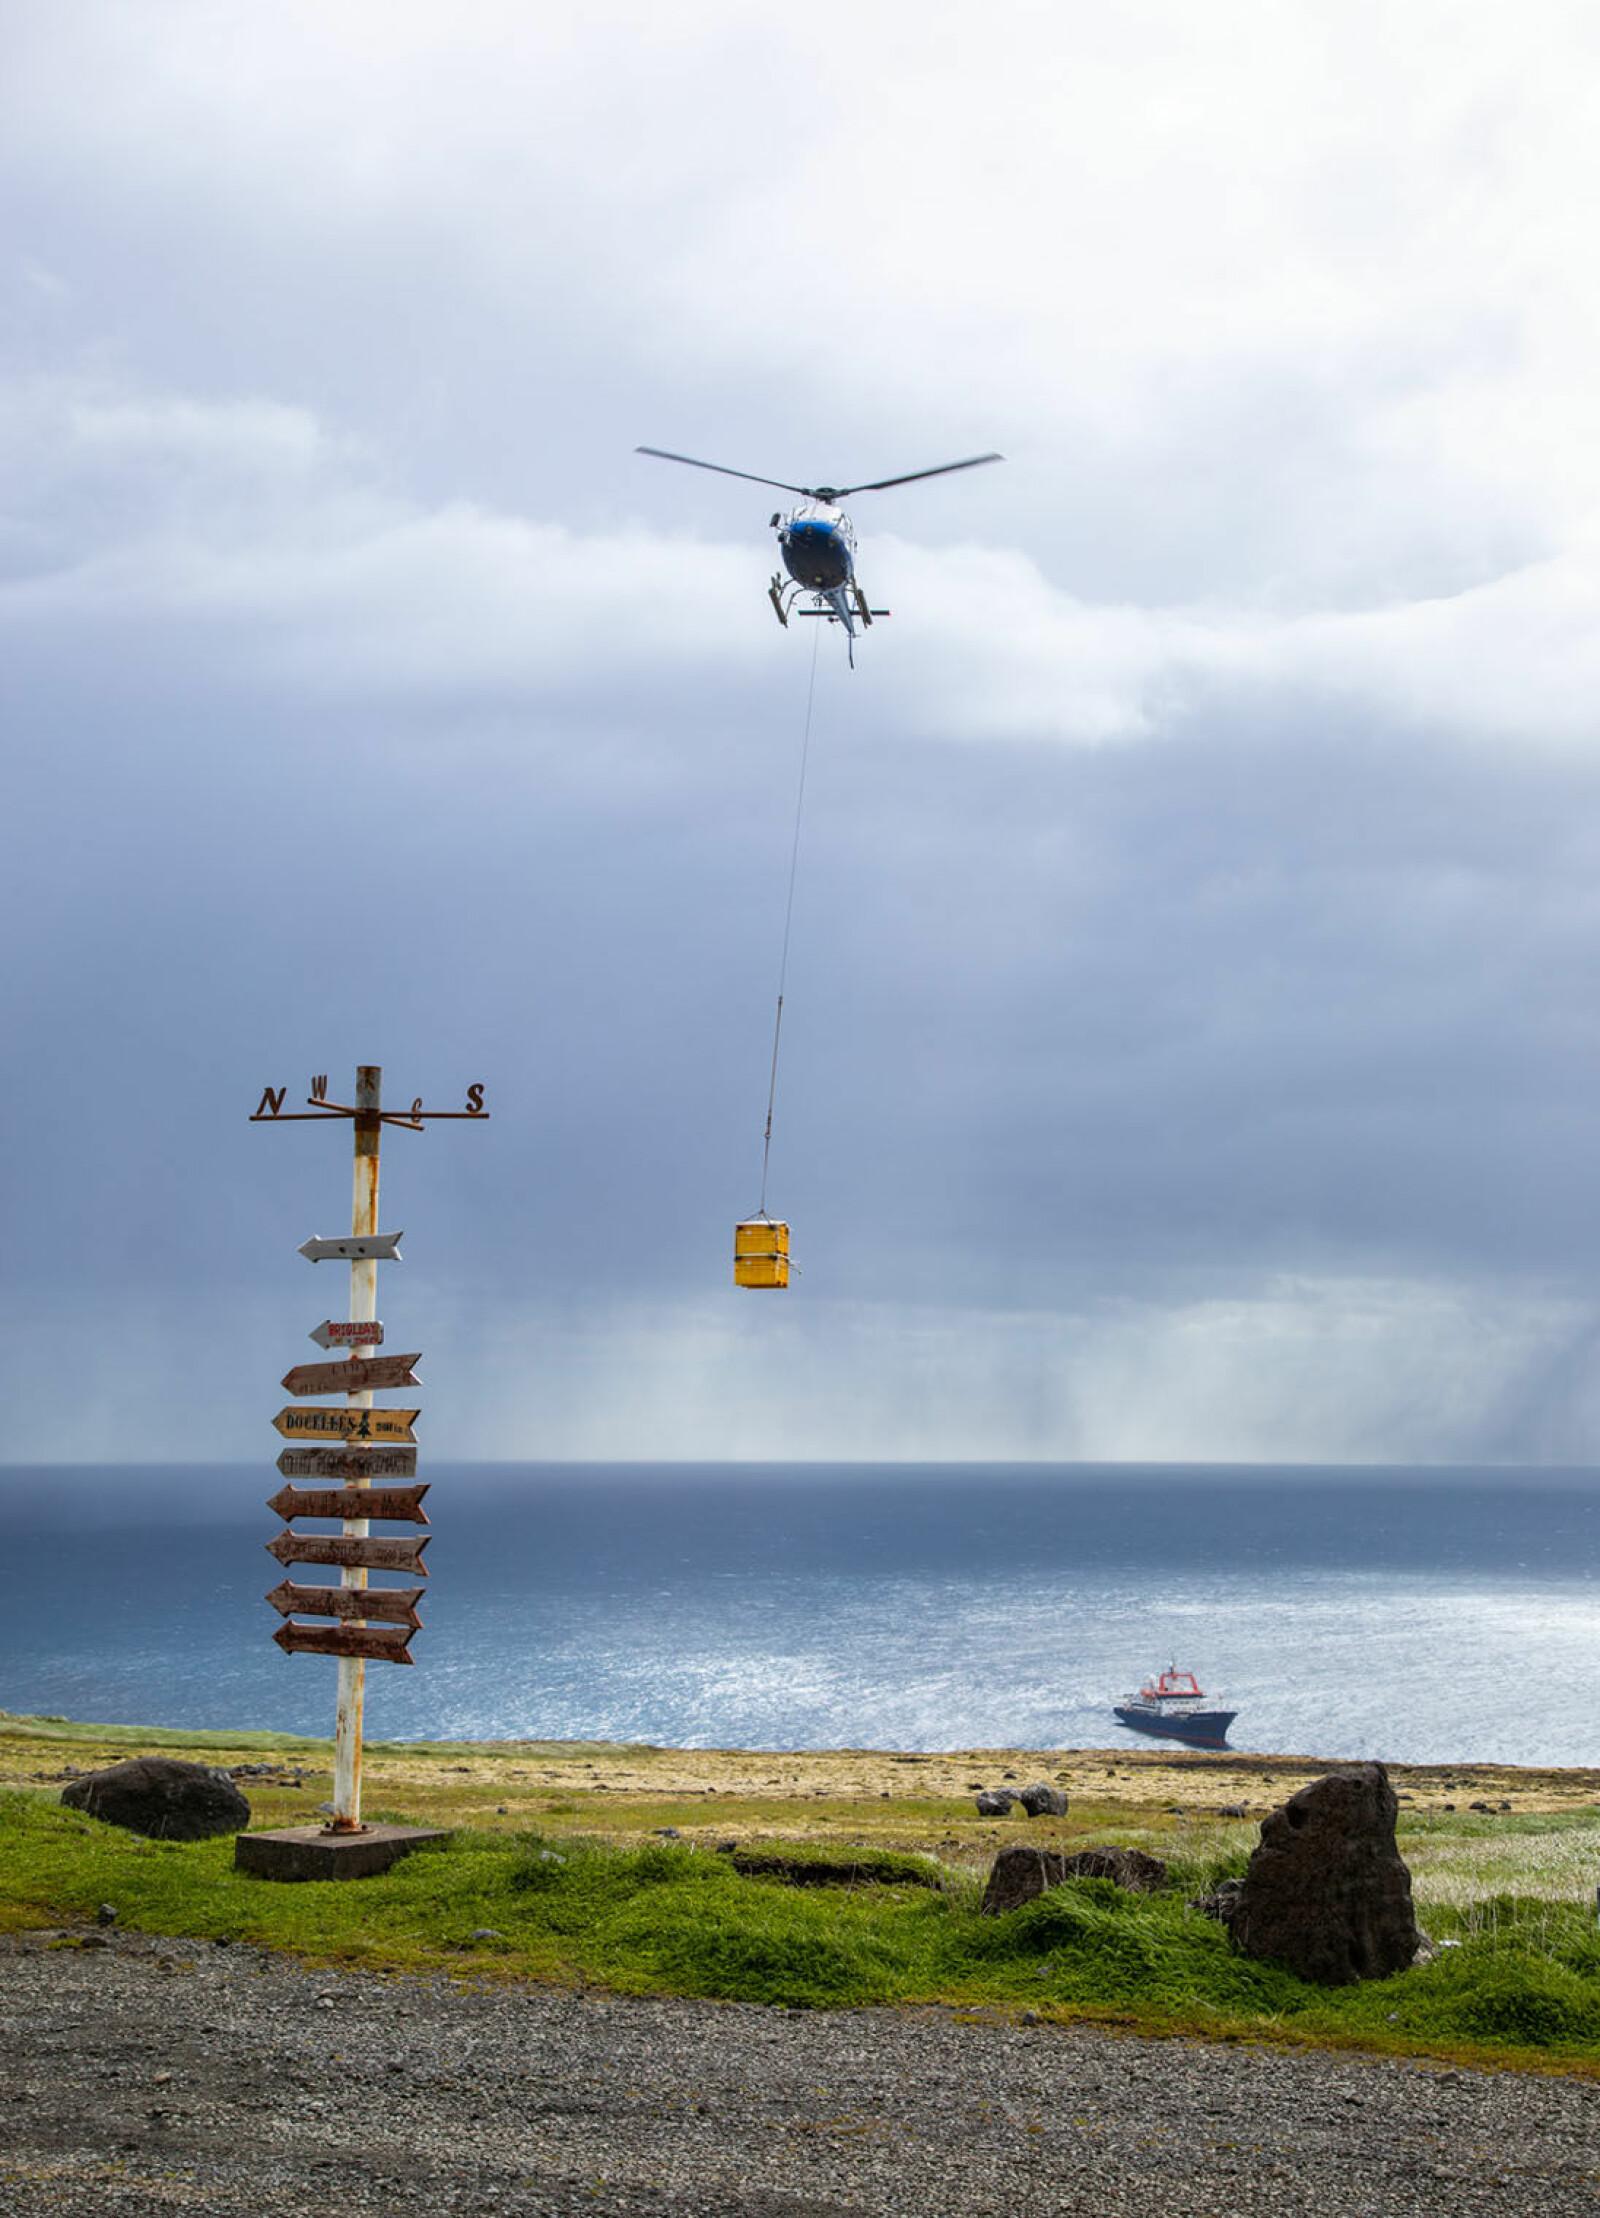 På vei sørover mot Kerguelen stoppet forskningsfartøyet ved Crozet Island i to dager for å levere forsyninger og skifte ut mannskap på øyas forskningsstasjon. (Foto: Sindre Eldøy, CC BY-SA 4.0)